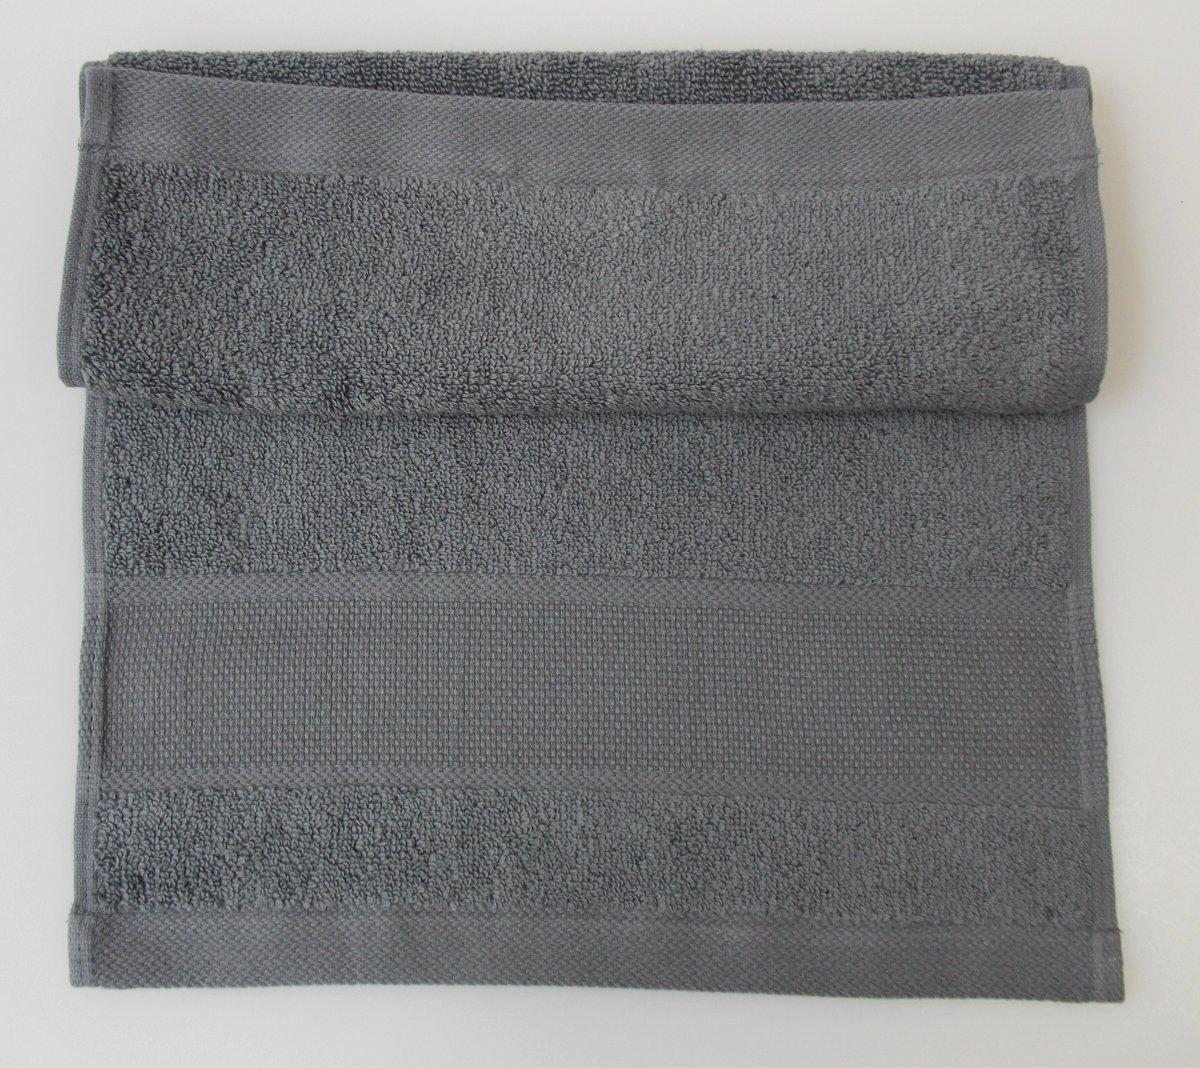 Azure Blue Guest Towel Rico Design